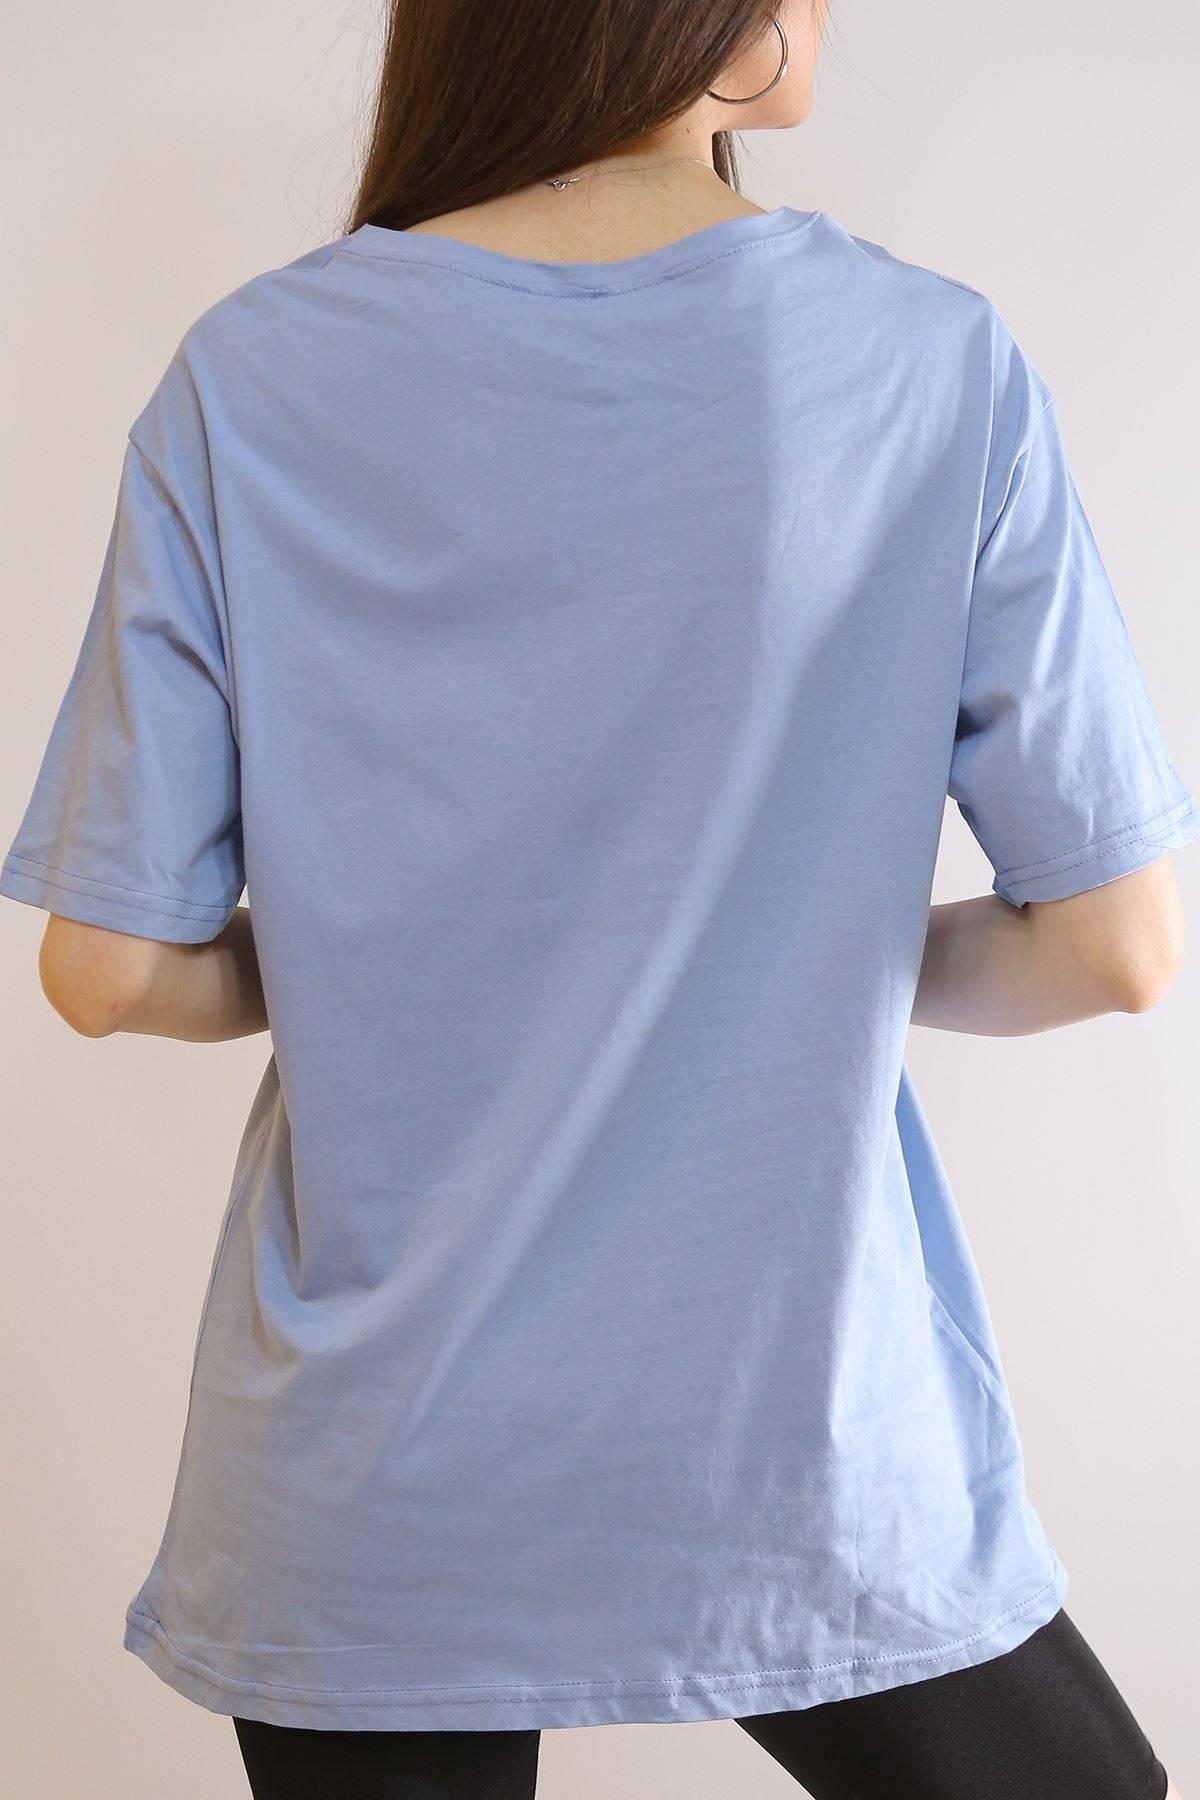 Baskılı Tişört Bebemavi - 6069.1247.